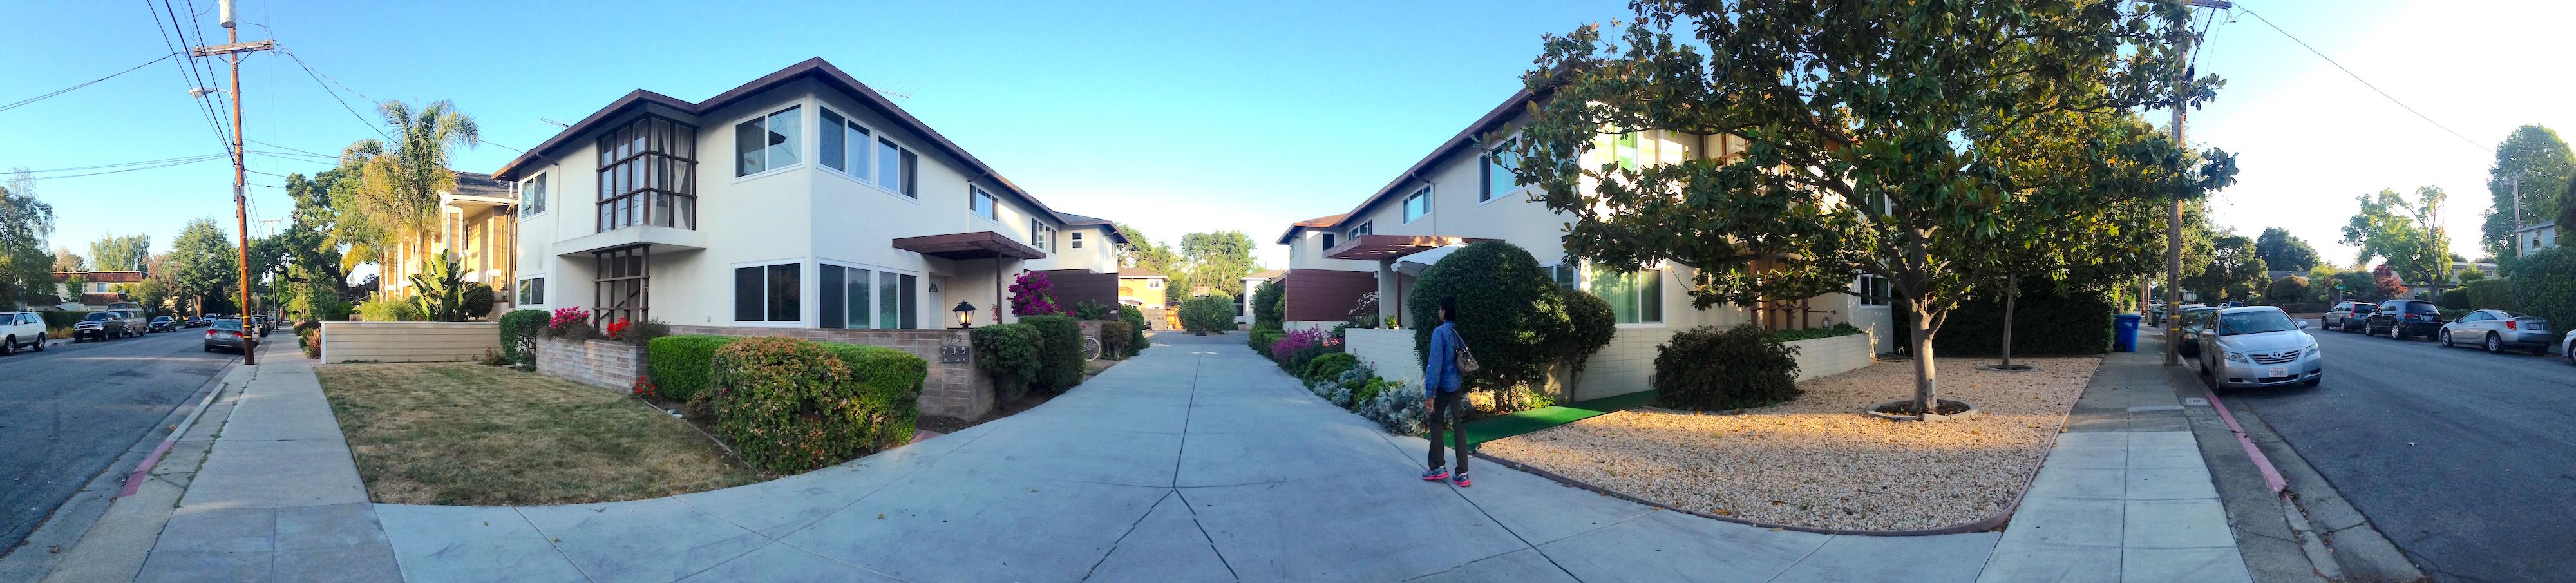 La mia casa a Menlo Park - la strada